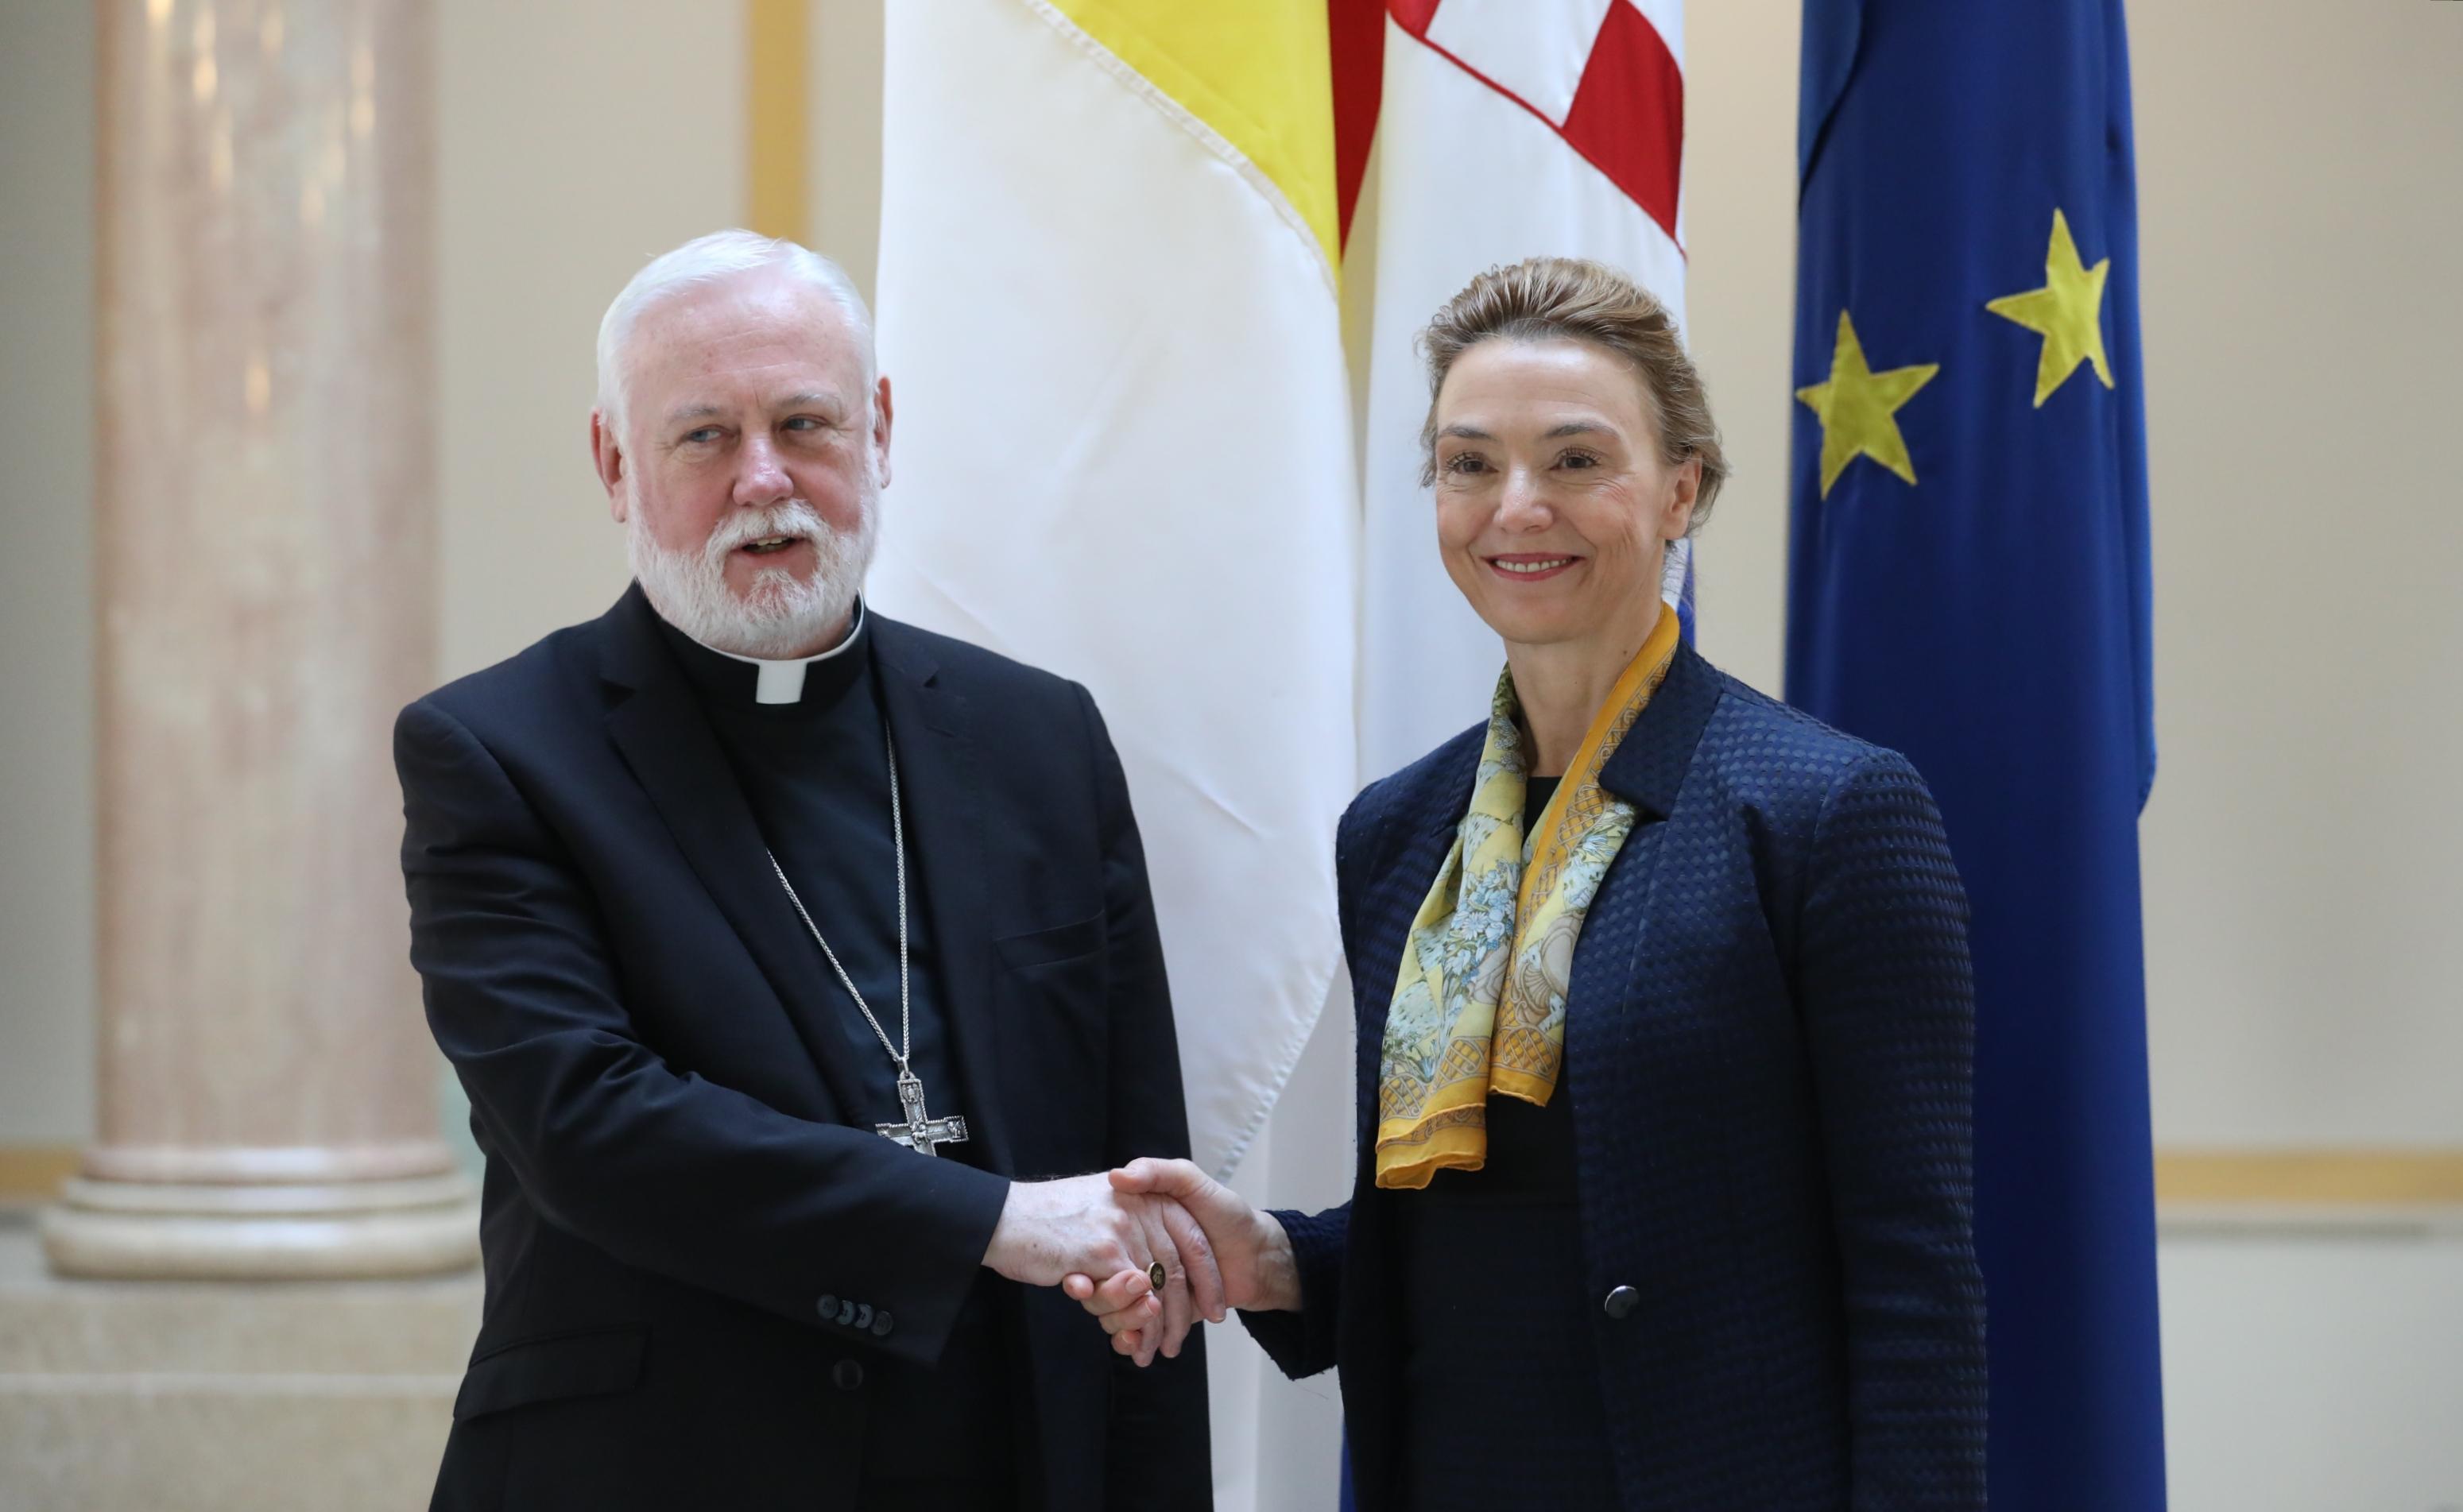 Pejčinović Burić i nadbiskup Gallagher potvrdili odlične odnose Hrvatske i Svete Stolice